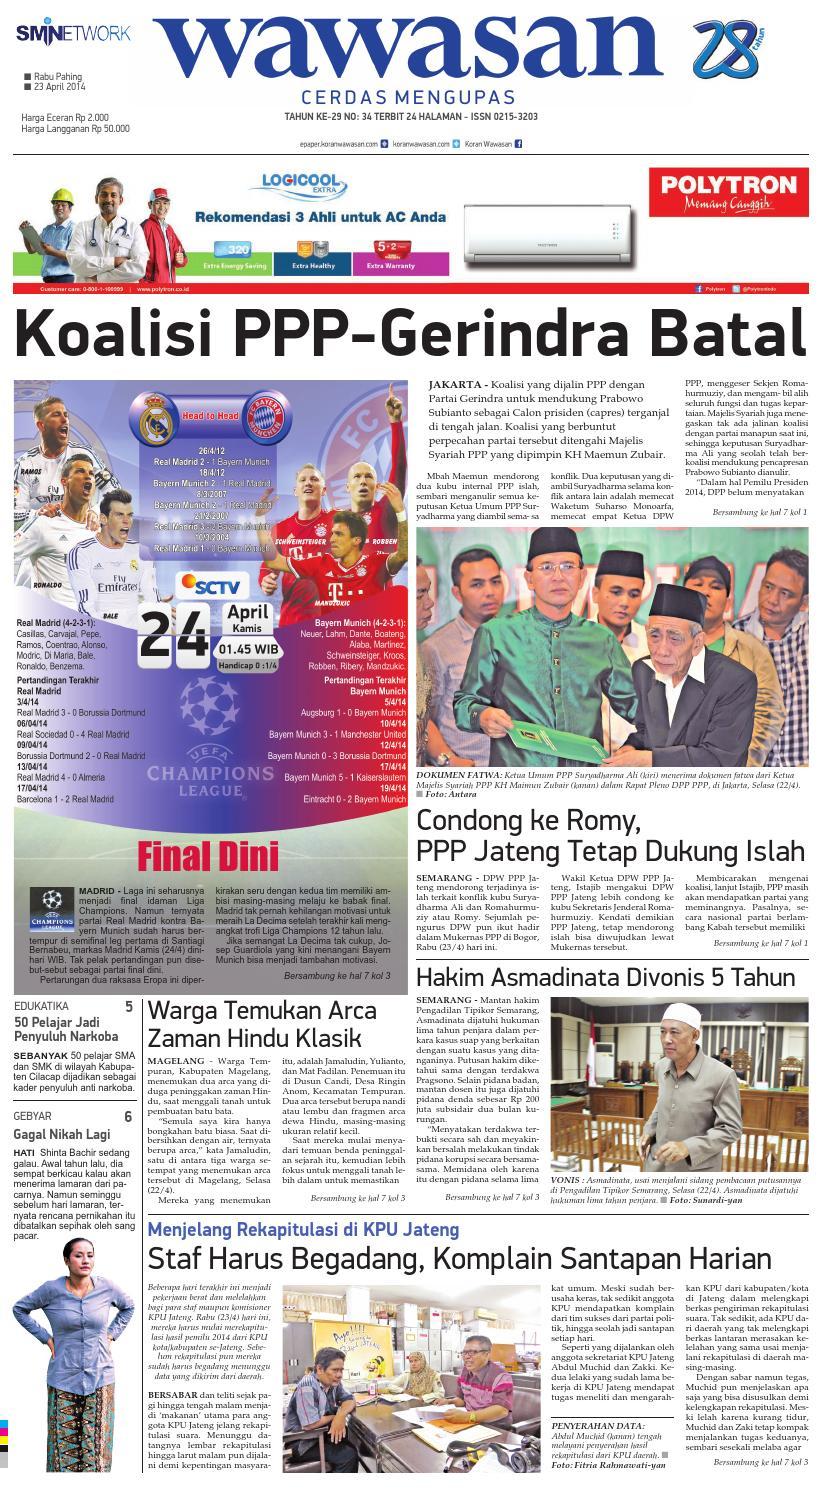 Wawasan 23 April 2014 By Koran Pagi Issuu Keripik Bawang Srikandi Kontan